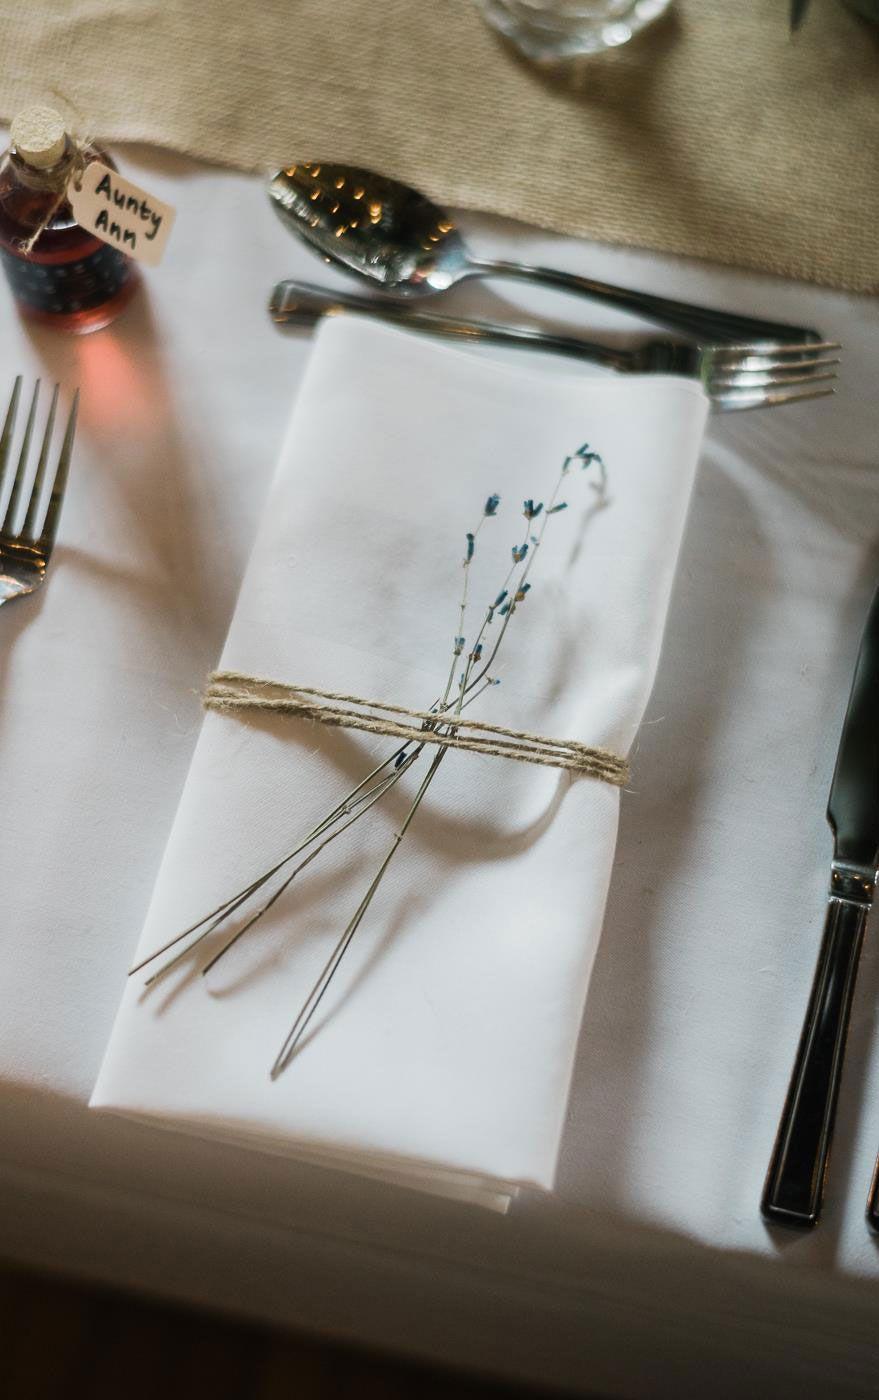 Pequenas delicadezas são capazes de encantar os convidados